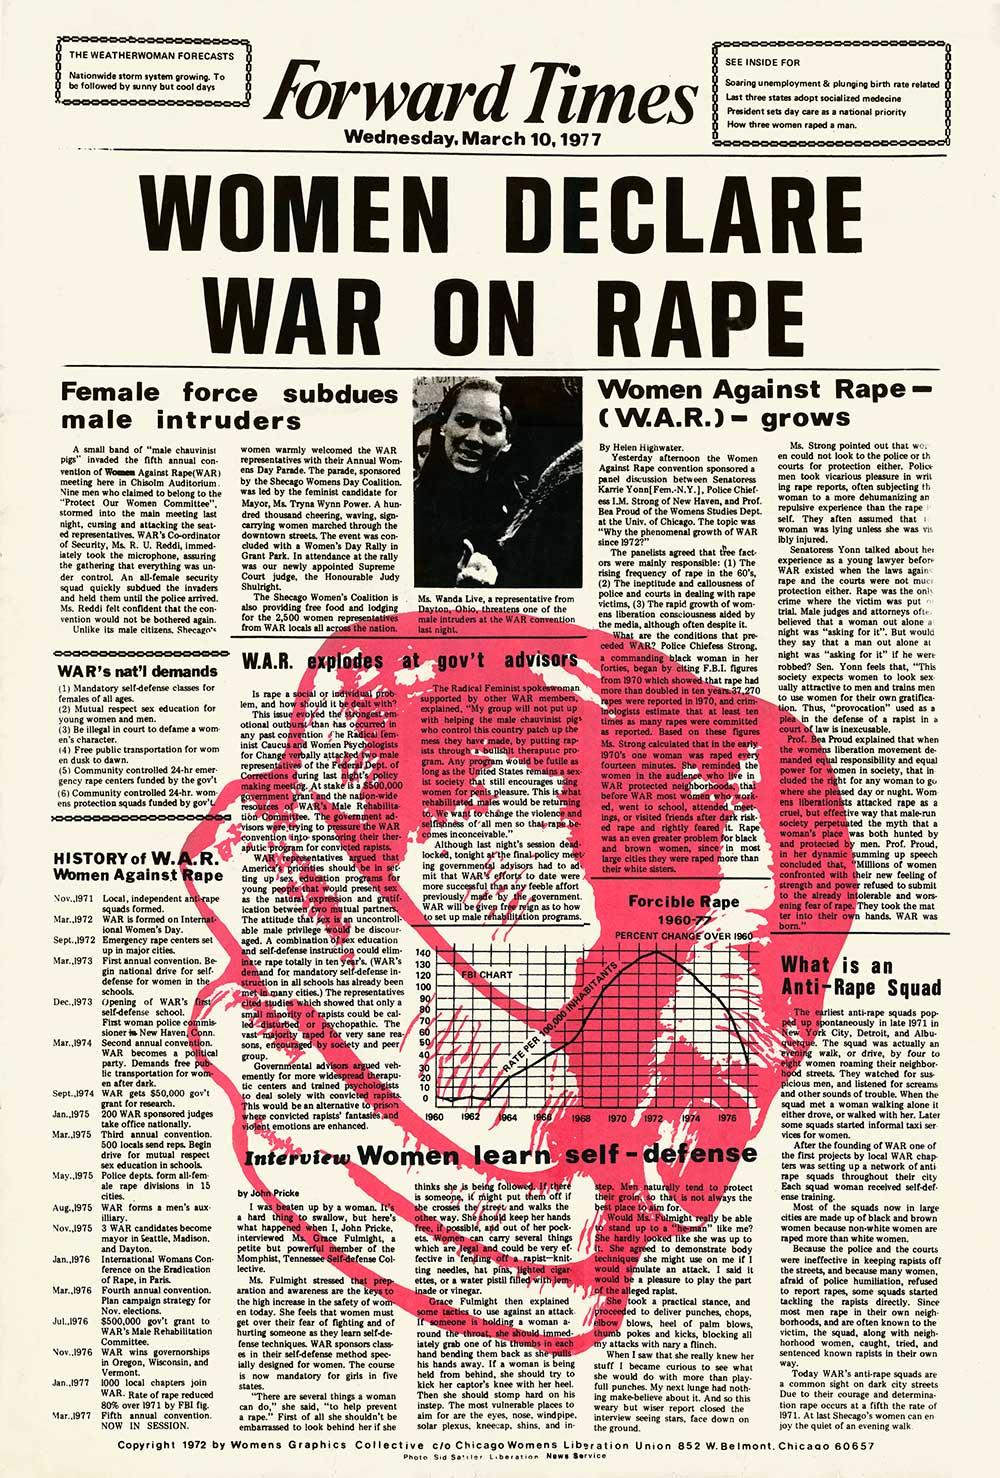 Women Declare War on Rape